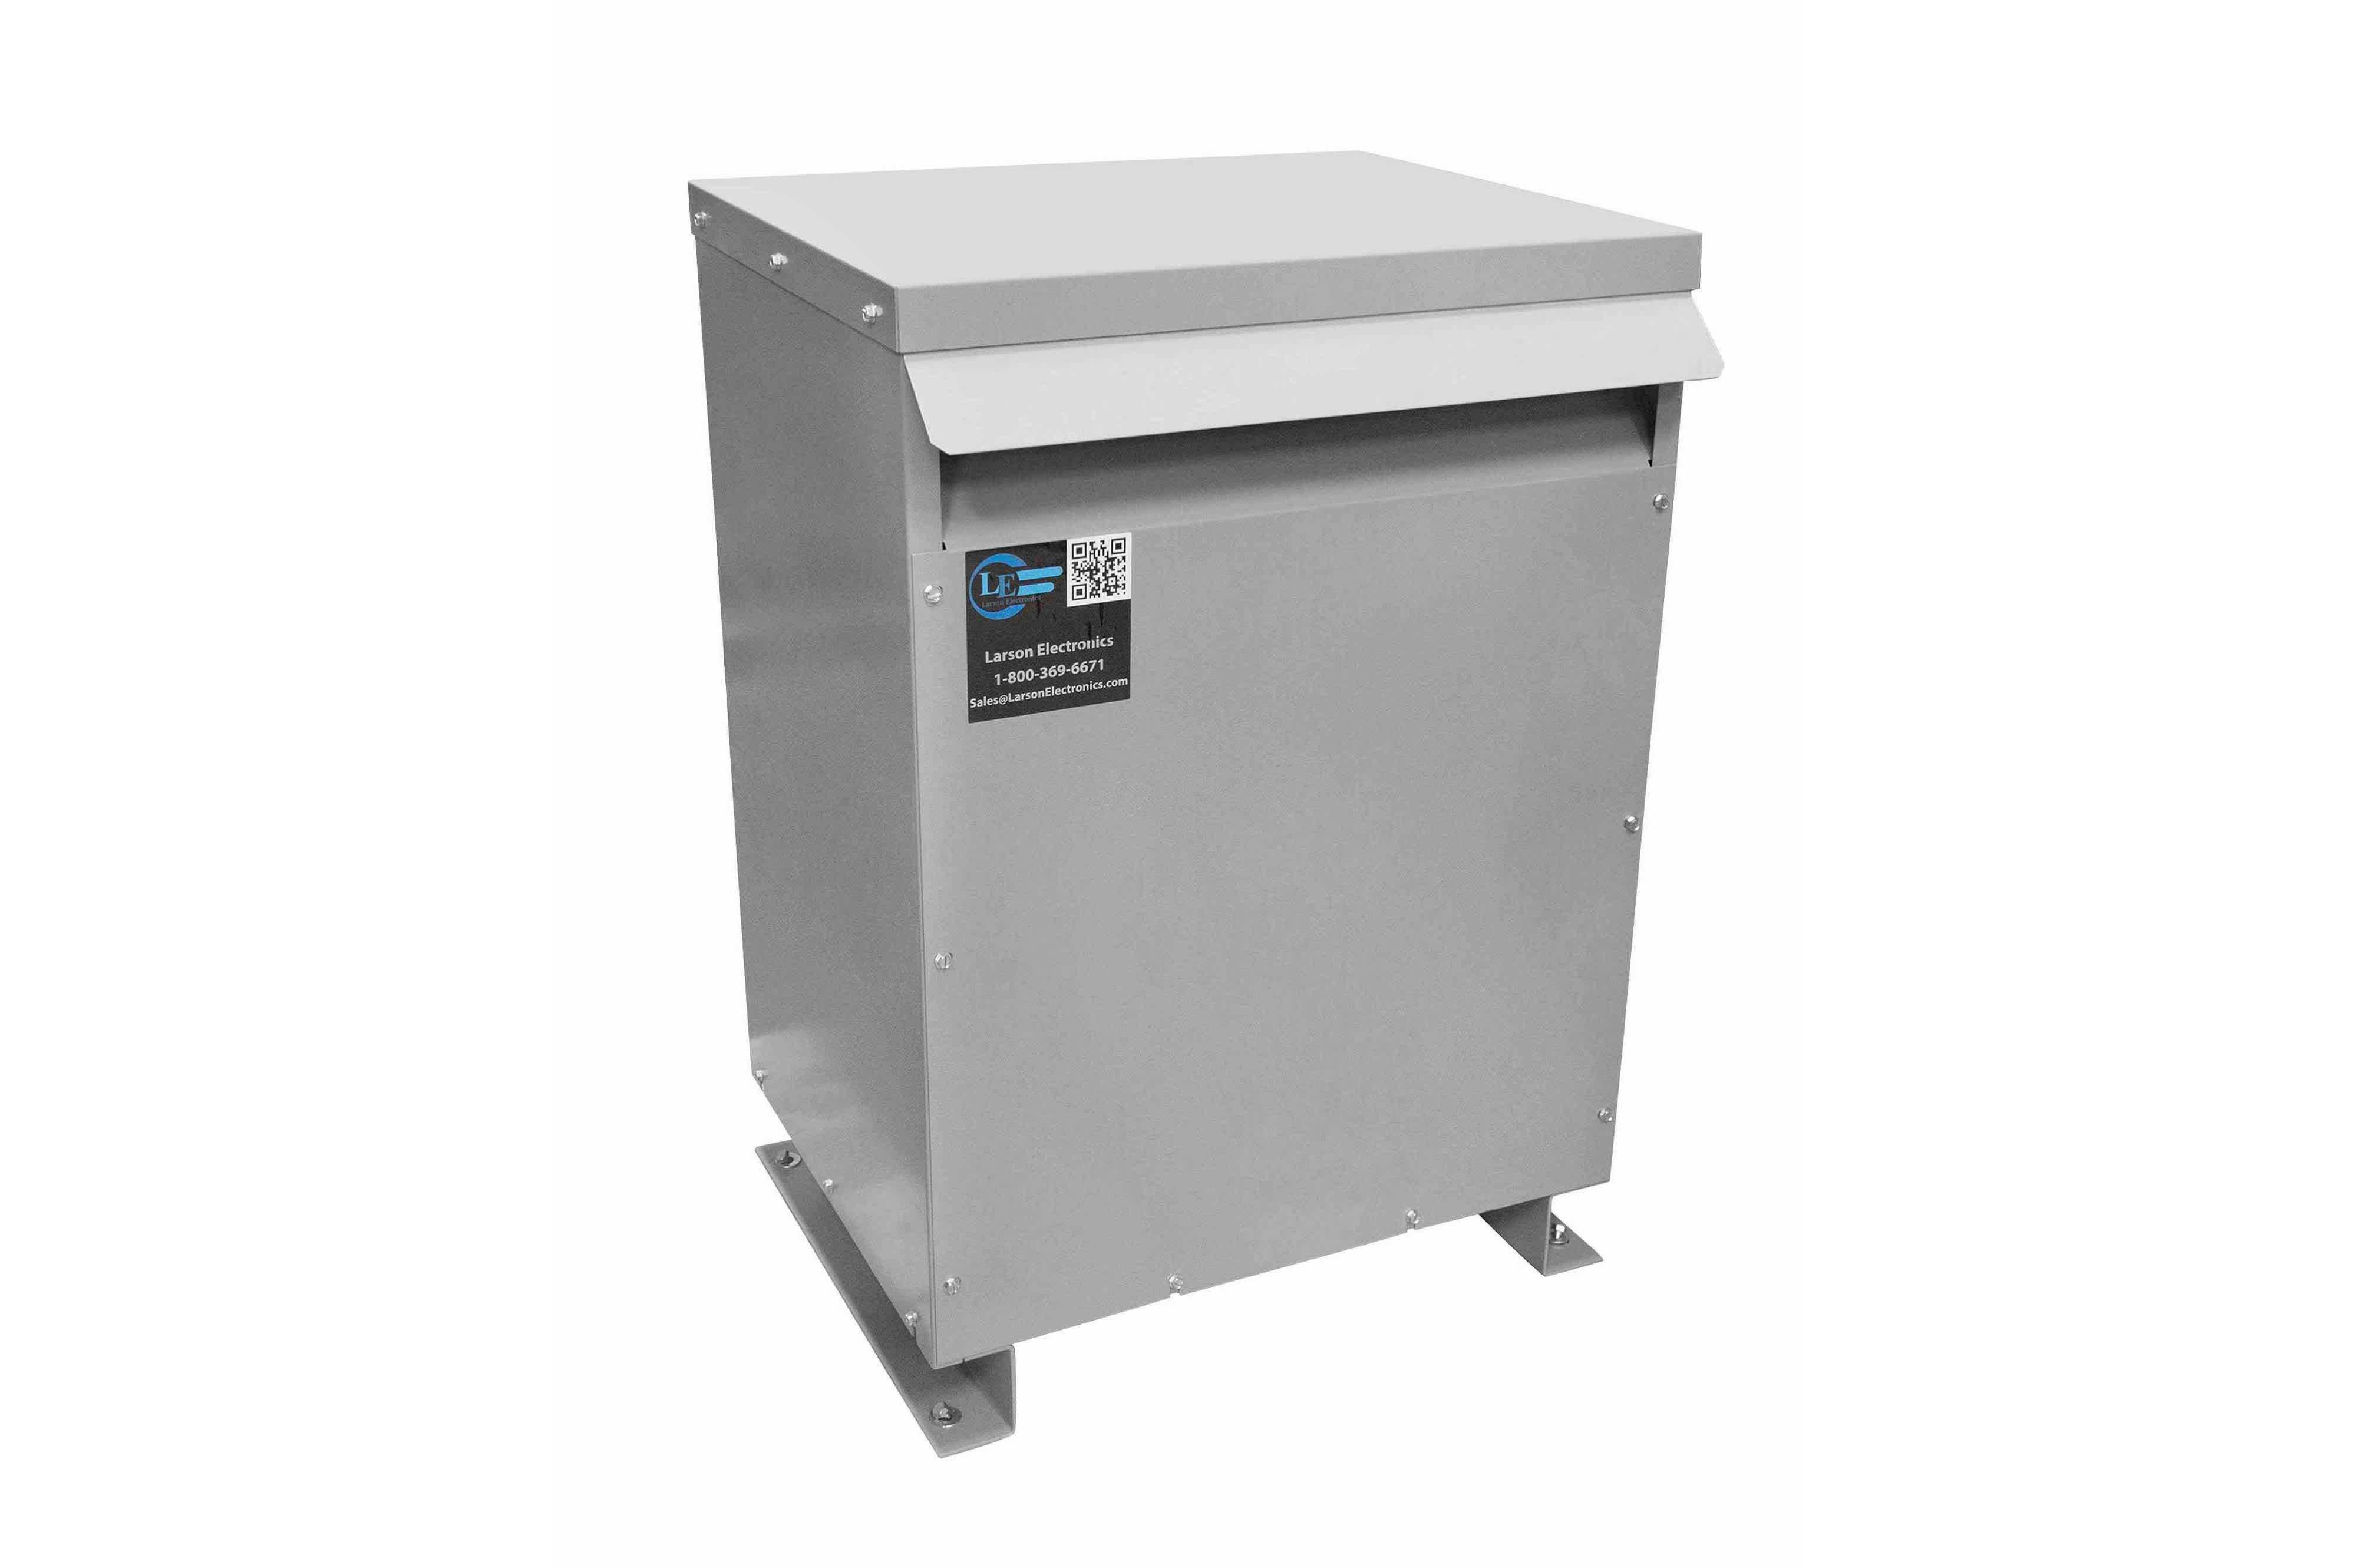 29 kVA 3PH Isolation Transformer, 600V Delta Primary, 480V Delta Secondary, N3R, Ventilated, 60 Hz